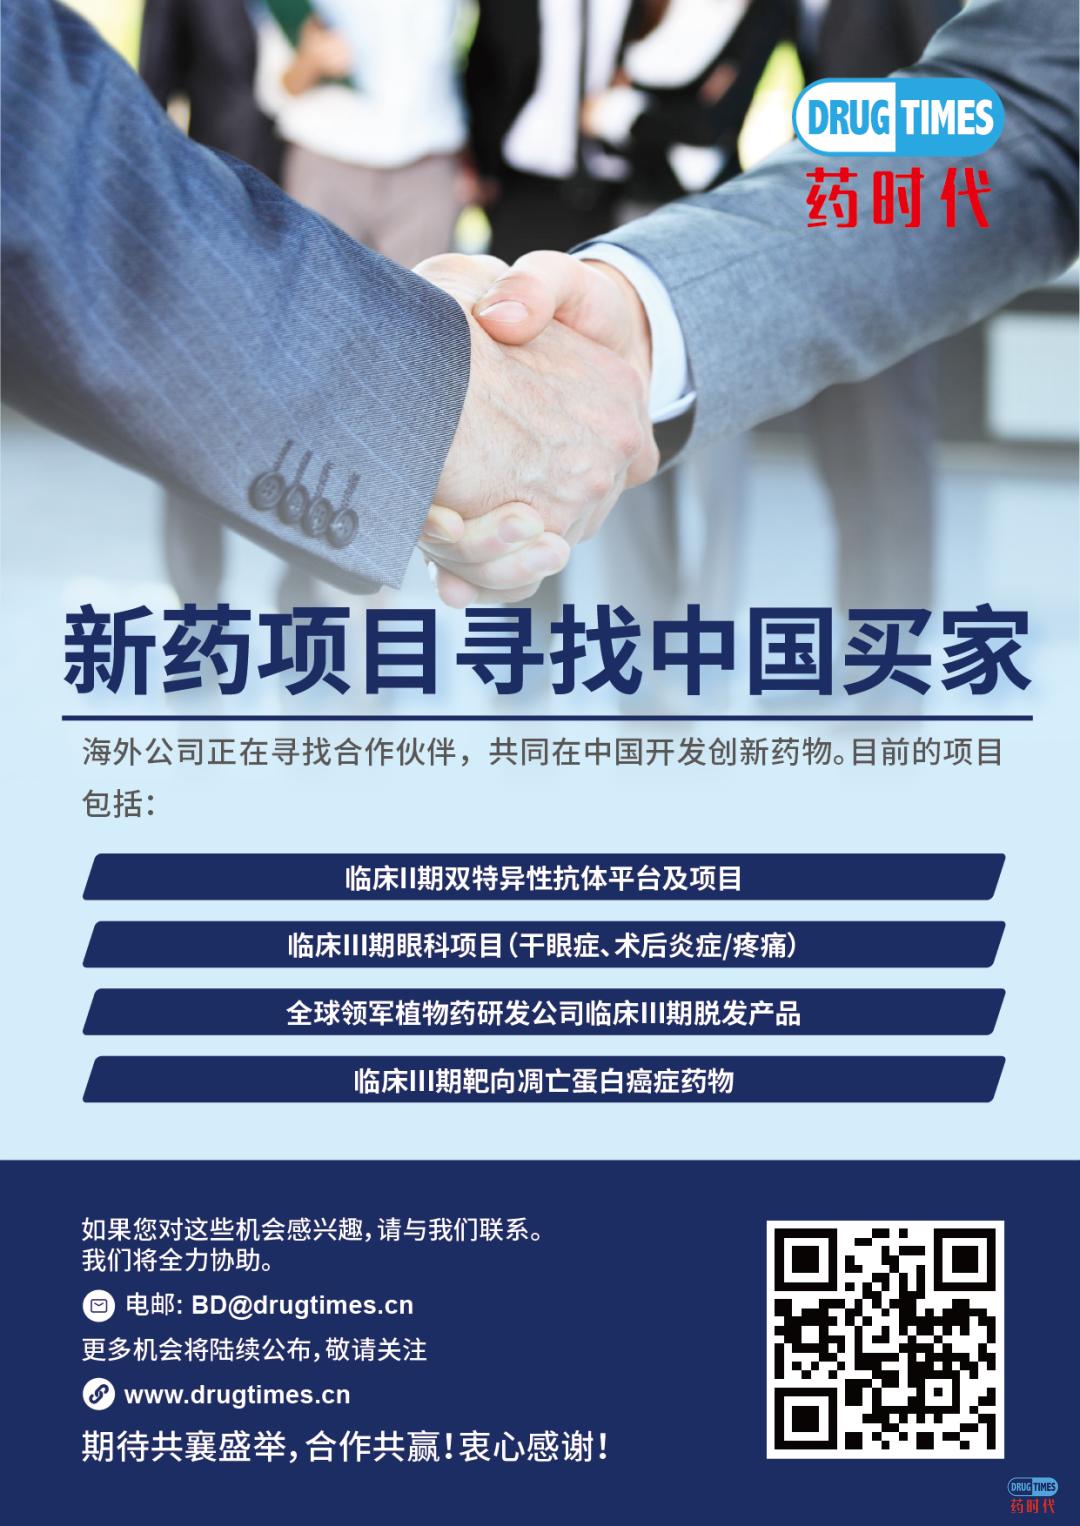 新药项目寻找中国买家  | 药时代